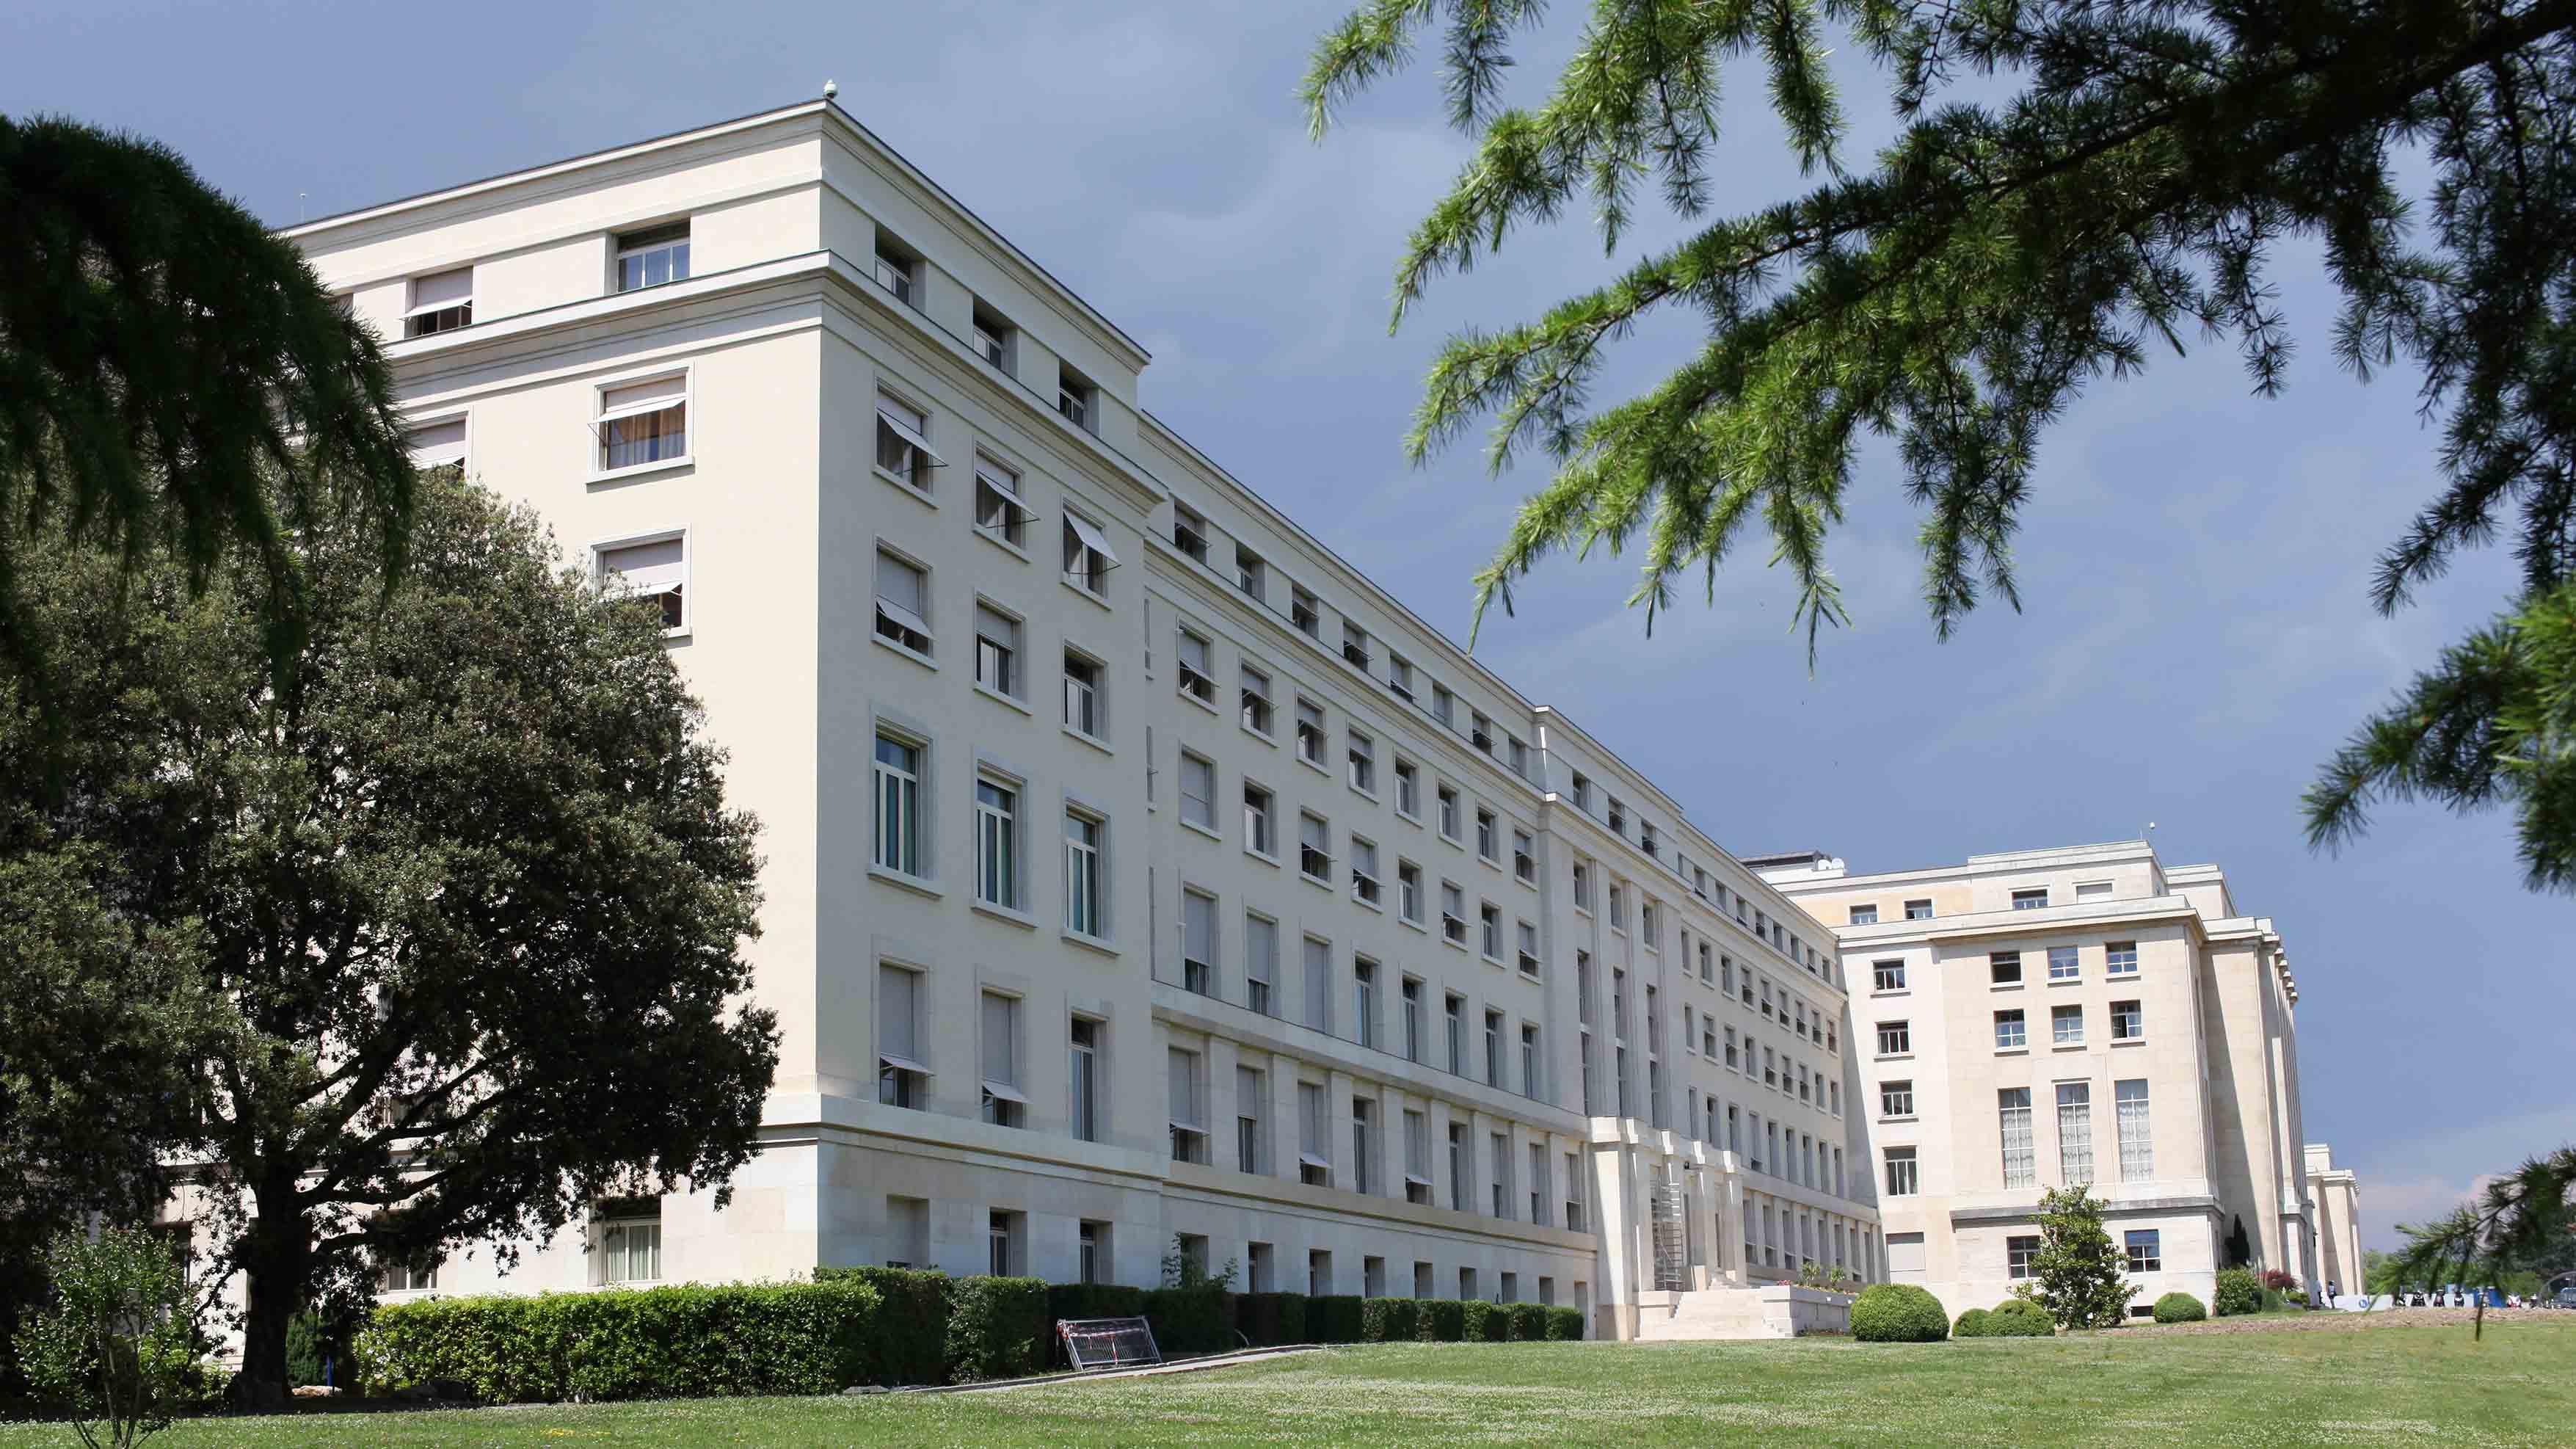 Palais des nations 2